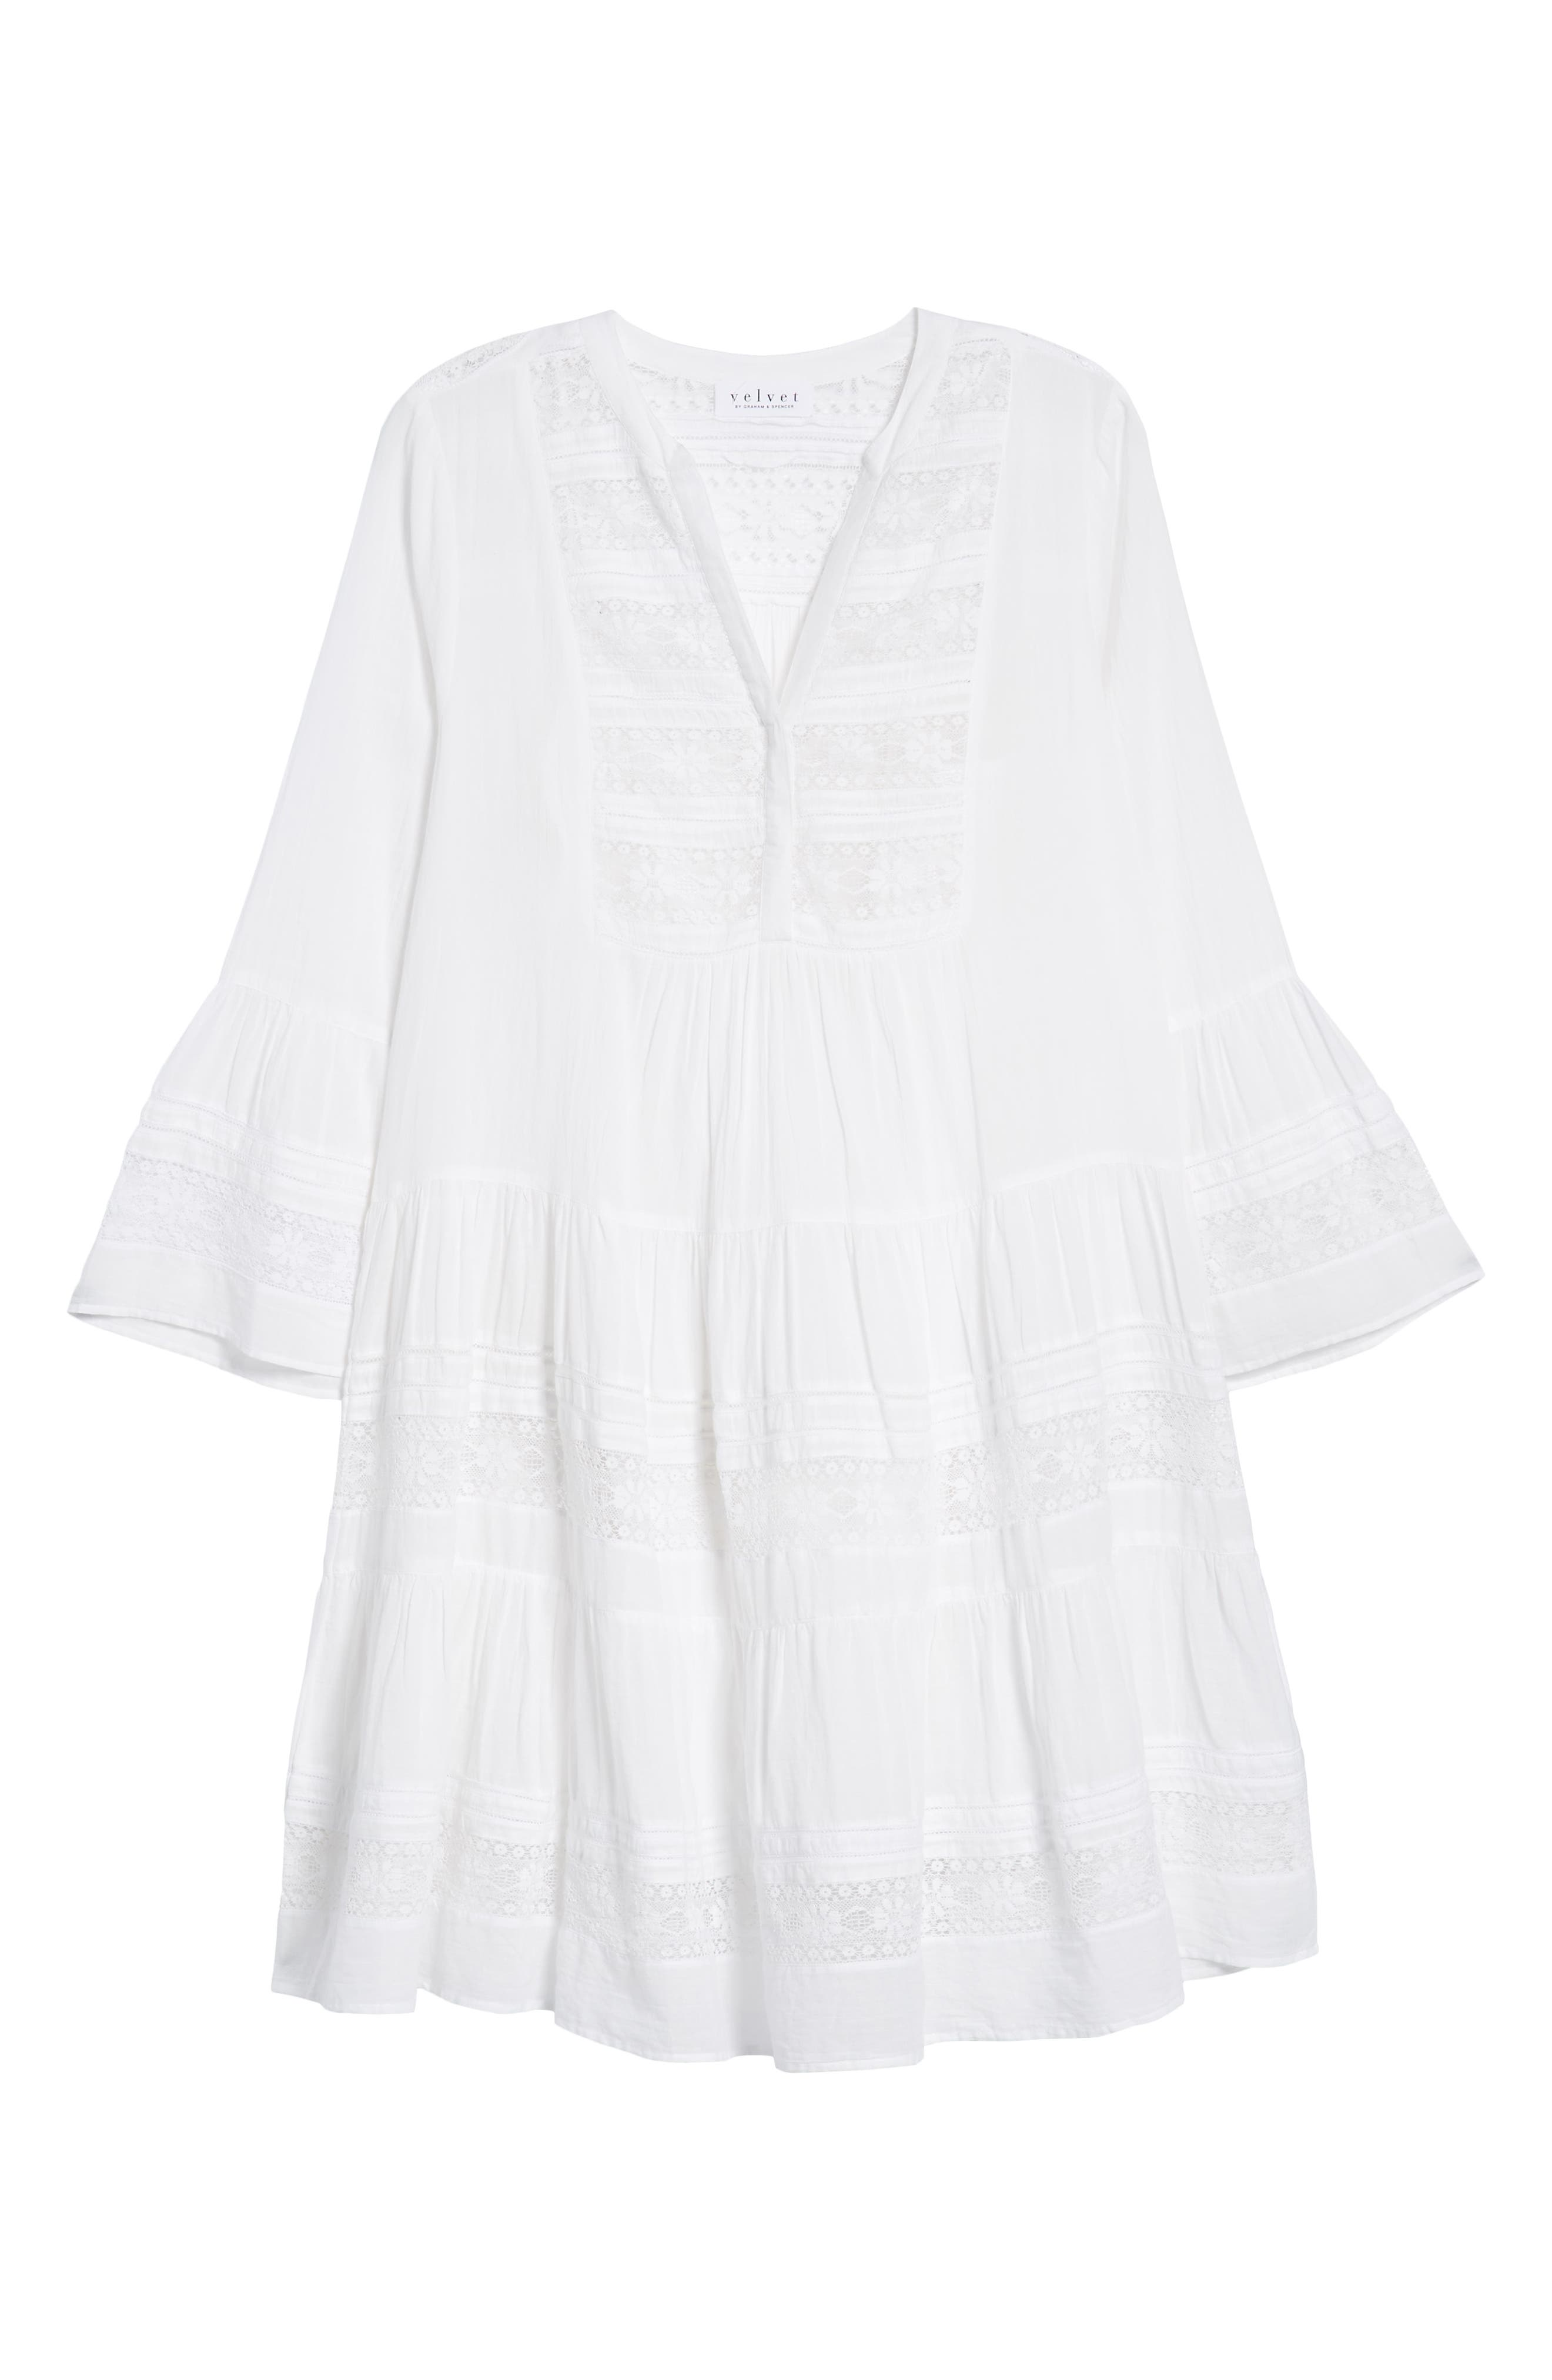 Lace Inset Cotton Gauze Dress,                             Alternate thumbnail 7, color,                             White